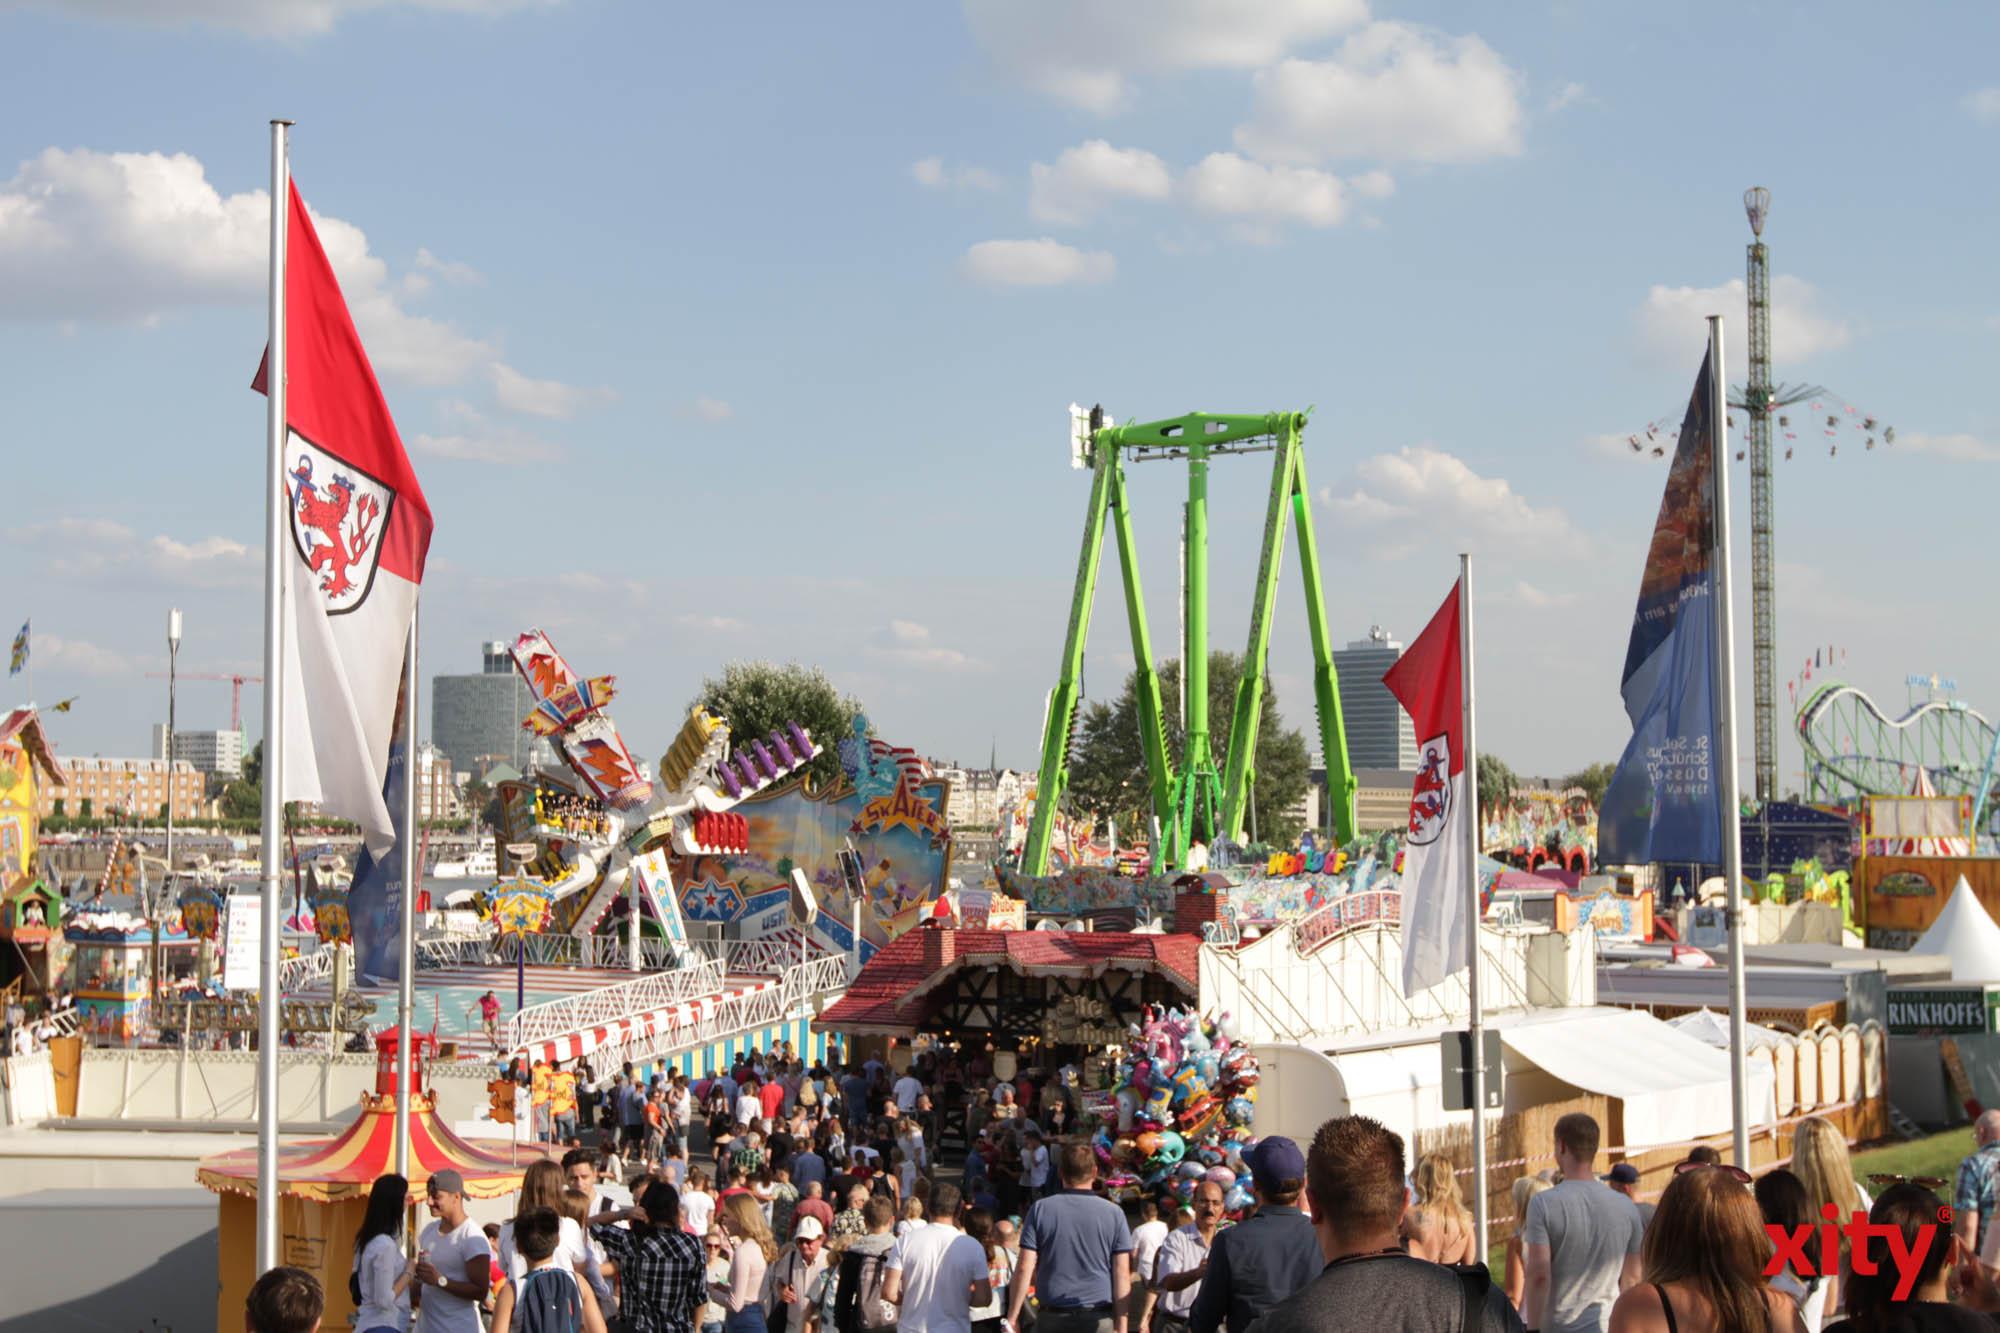 Corona-Krise: Kann die Größte Kirmes am Rhein in diesem Jahr stattfinden? (Foto: xity)